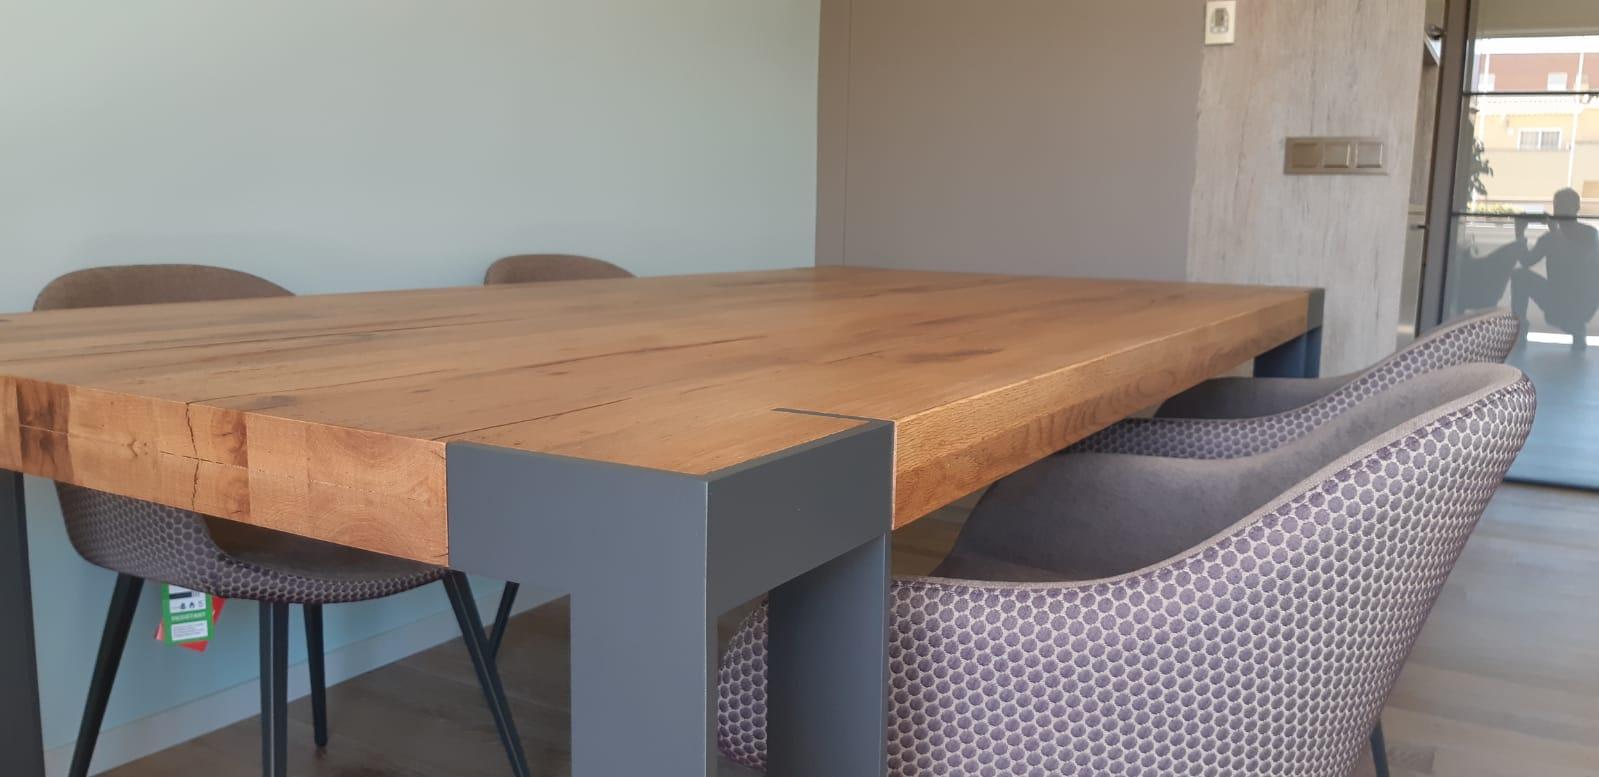 Muebles de comedor modernos y nórdicos en Mueblería de Ángel.